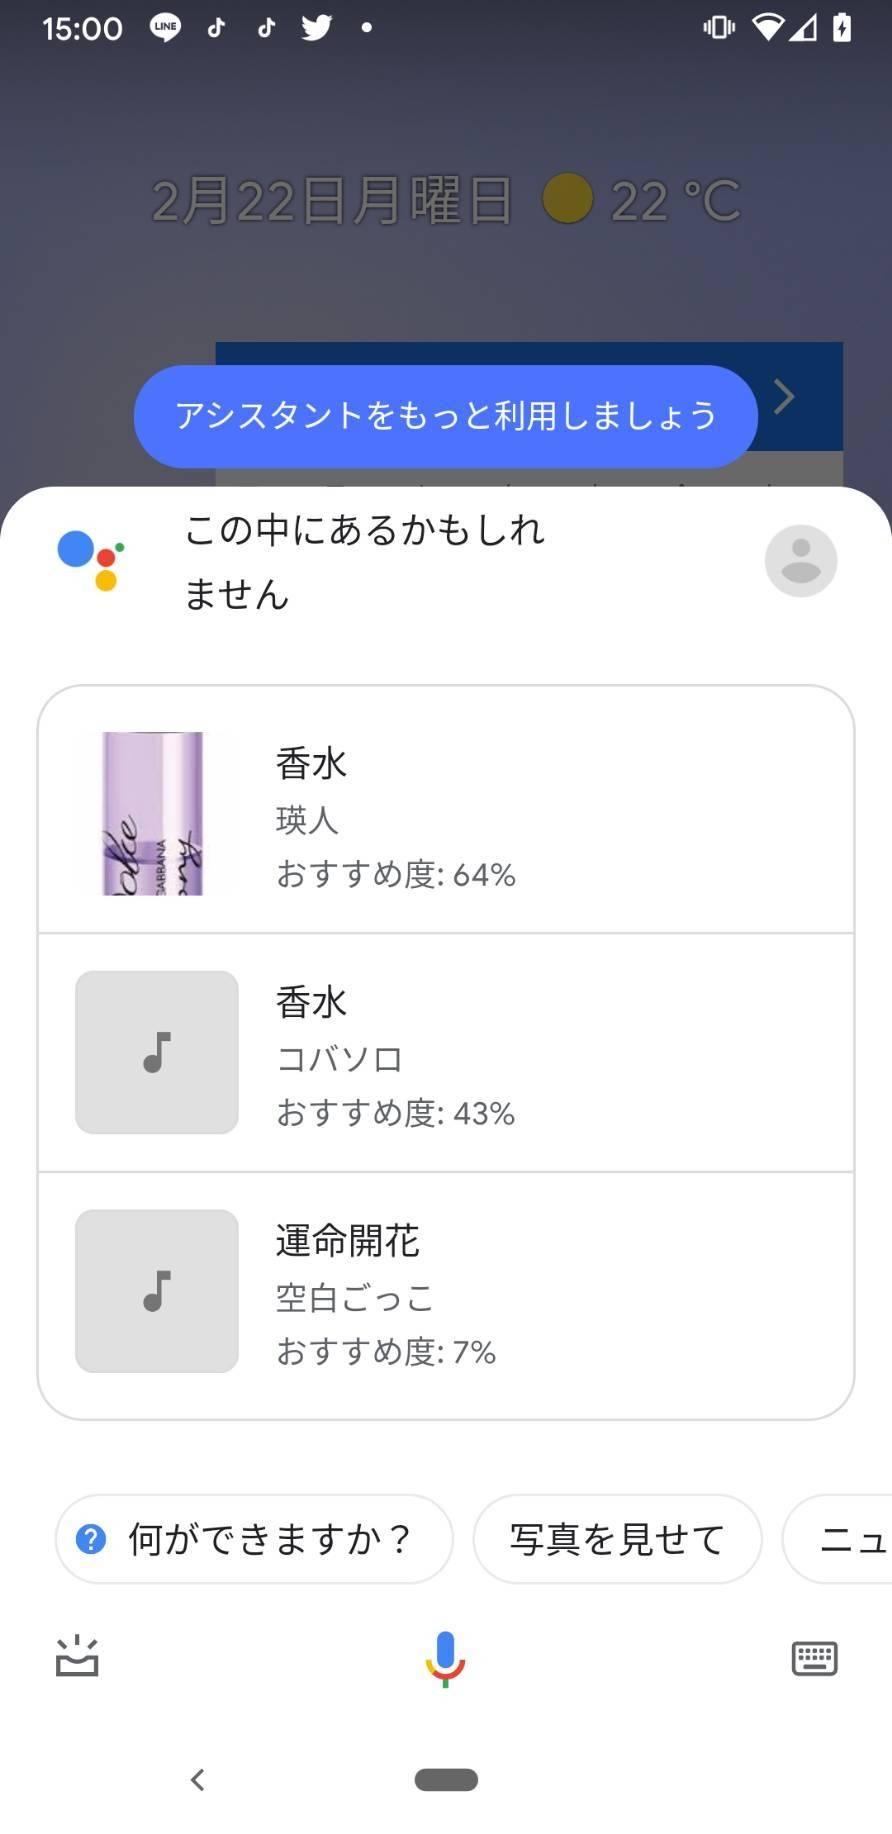 『Googleアシスタント』の検索結果